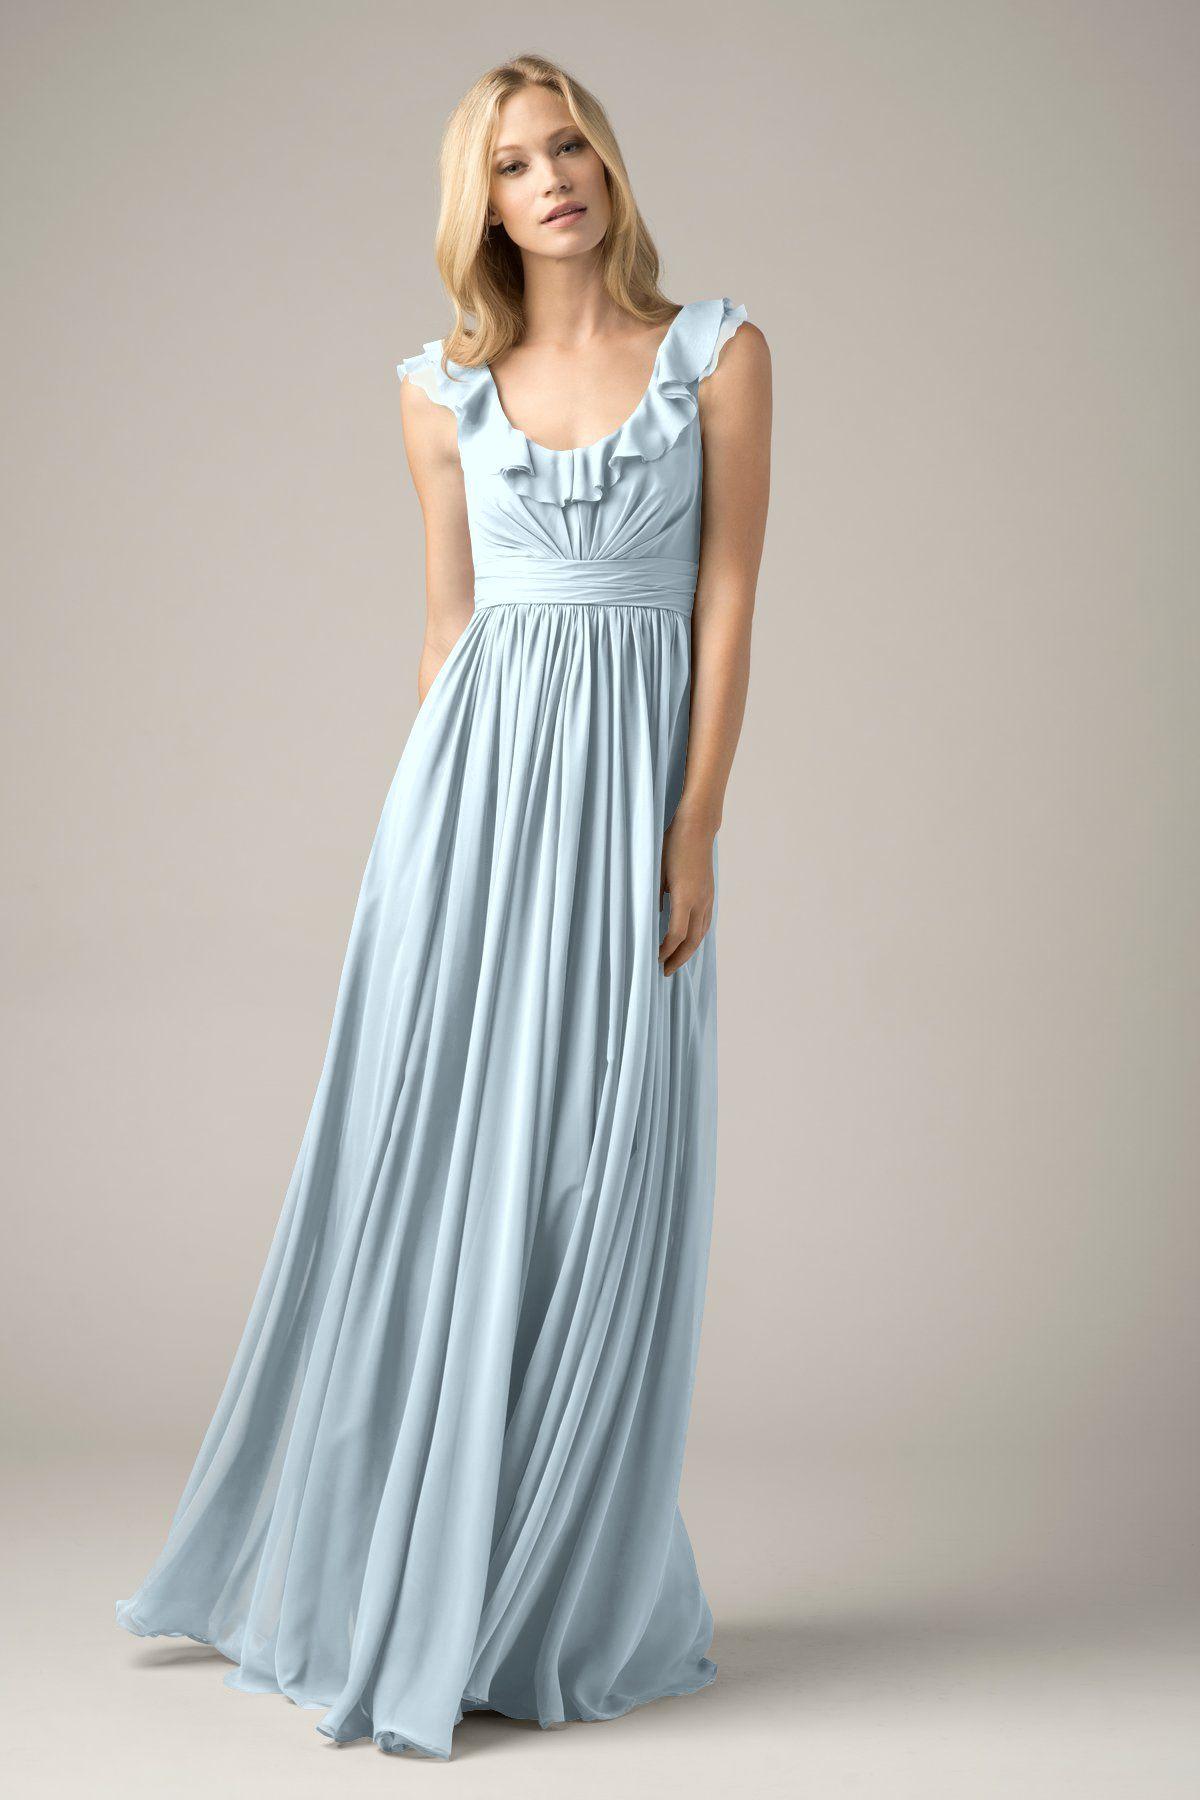 Shop Wtoo Bridesmaid Dress 808 in Crystal Chiffon at